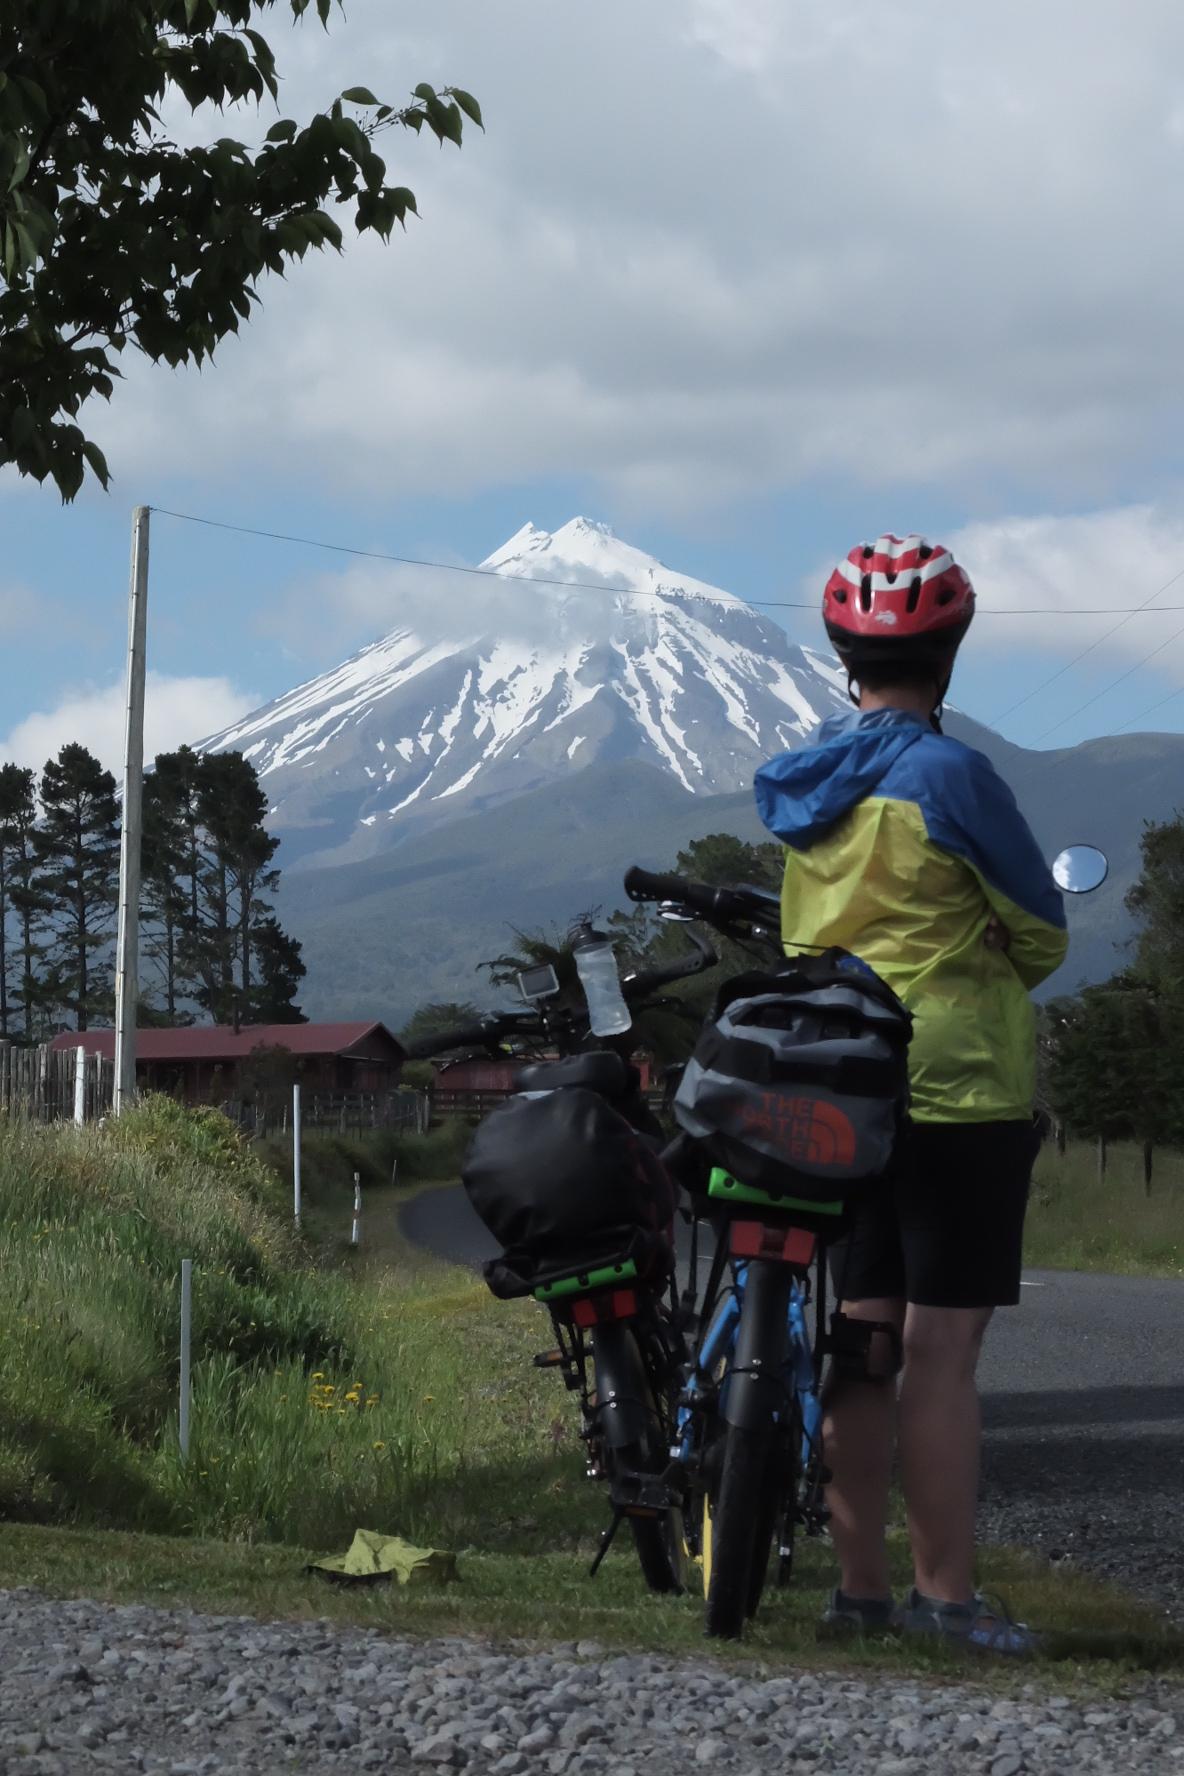 The bike battery acid test – a big hill climb